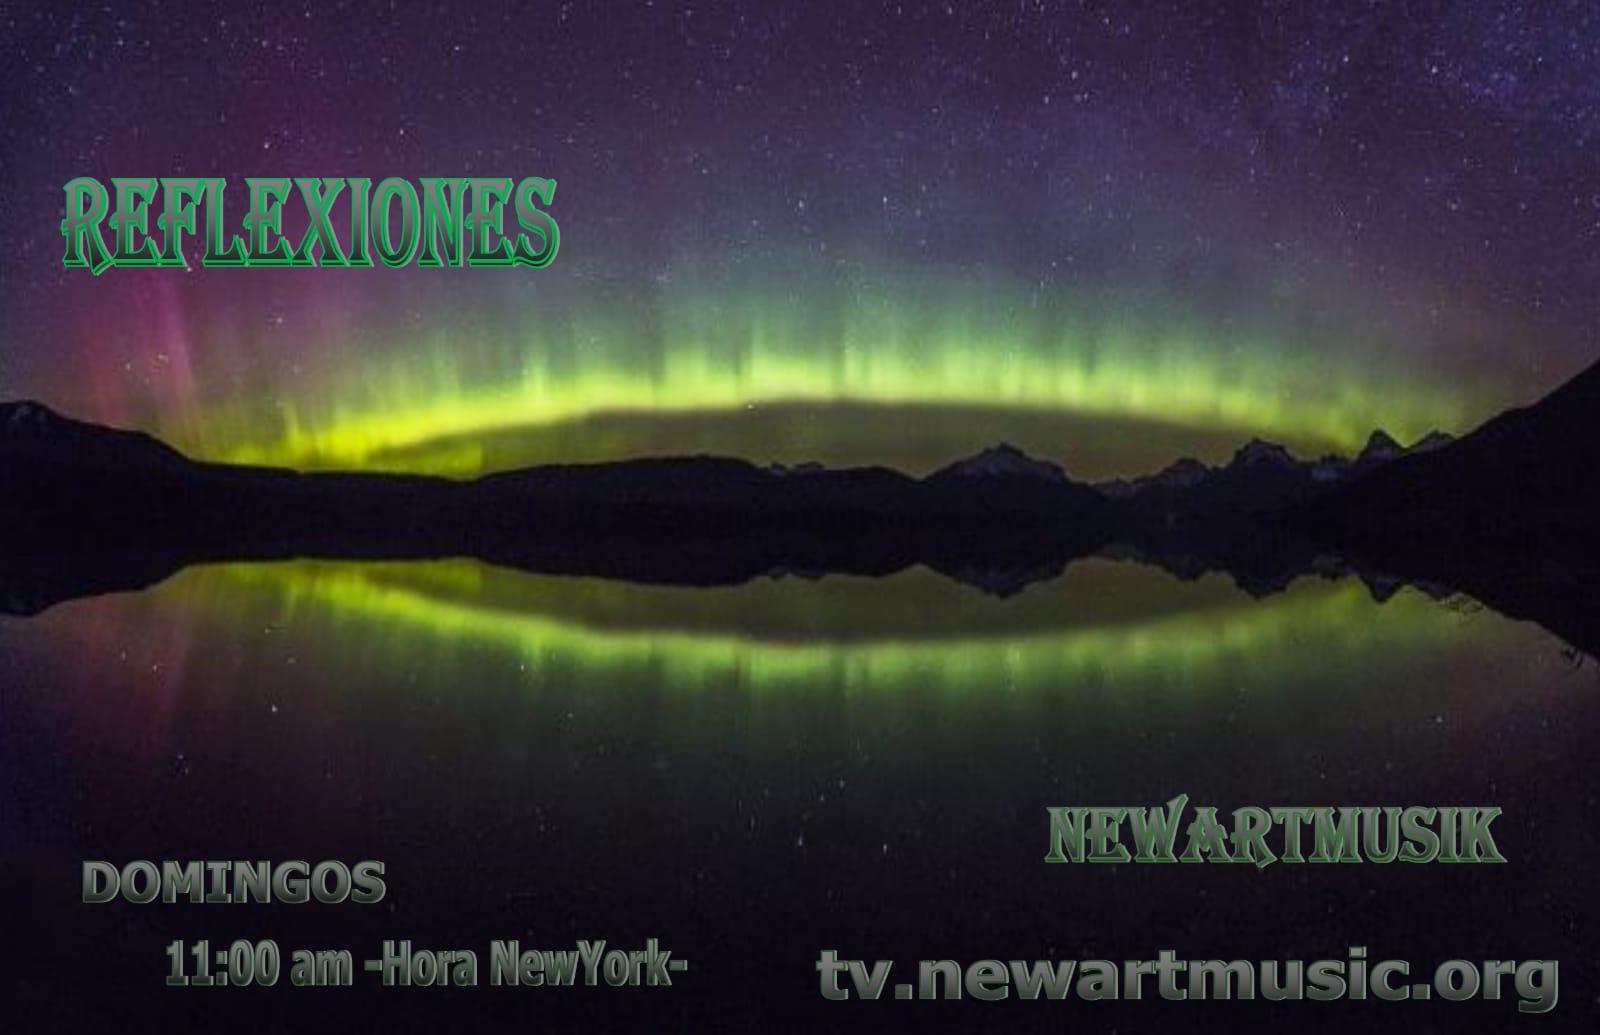 """Nace el espacio musical """"Reflexiones"""" en tiempos de Coronavirus"""